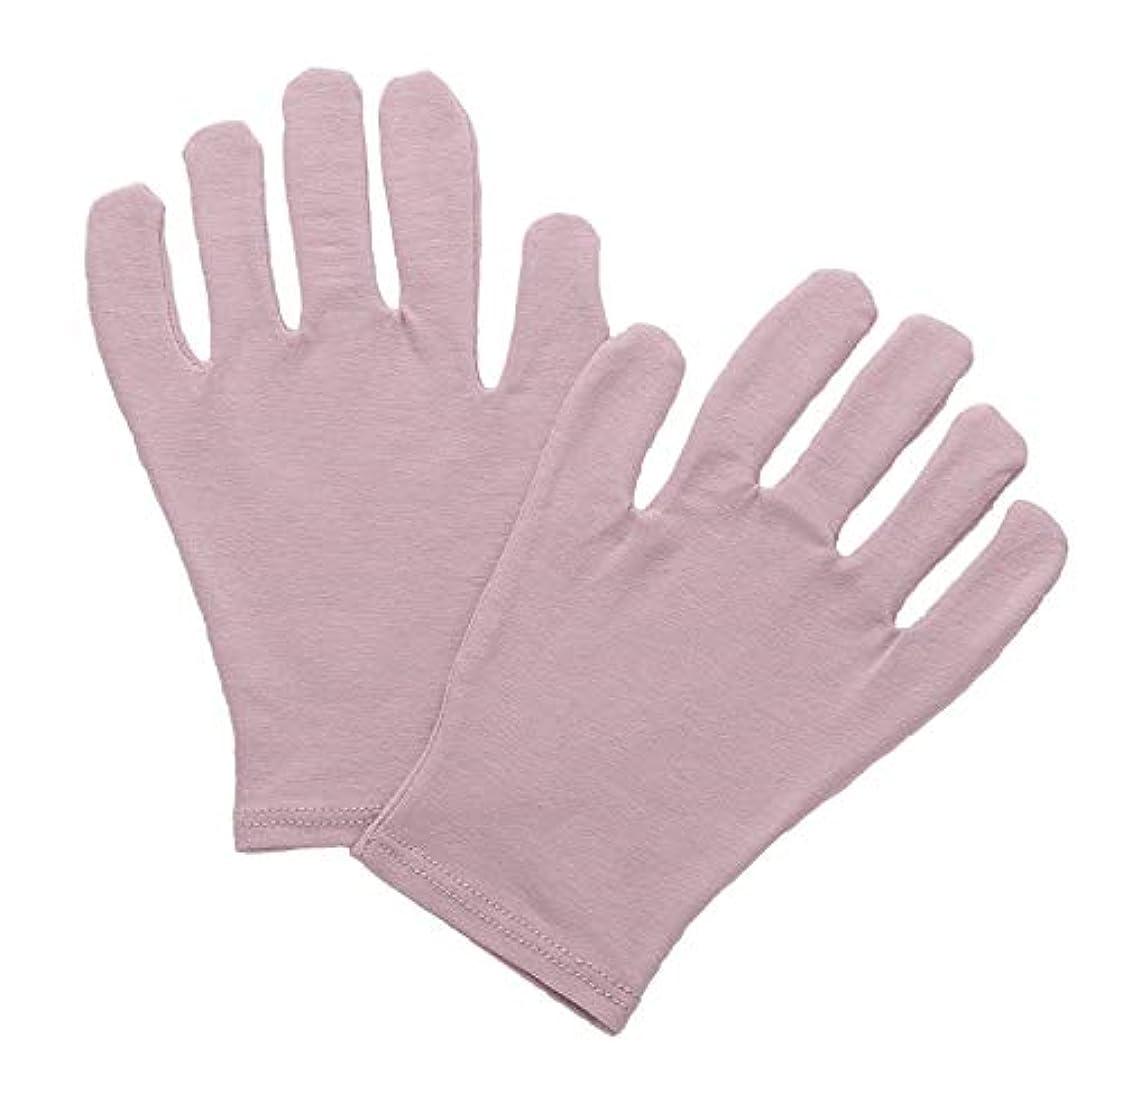 勤勉なコーチ知事椿オイル配合 スキンケア おやすみ手袋 在庫処分 お買い得品